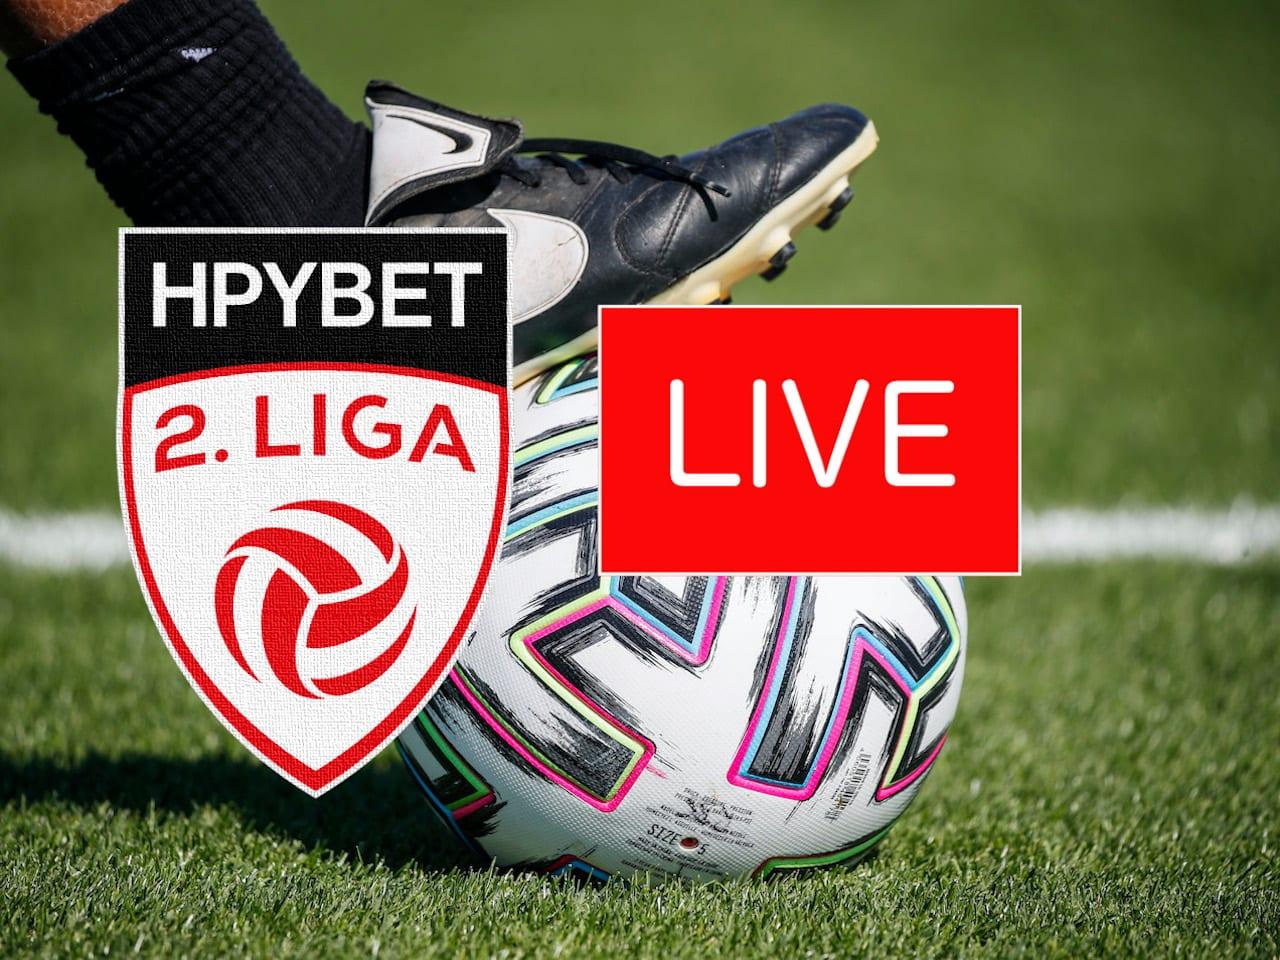 Live 2 Liga